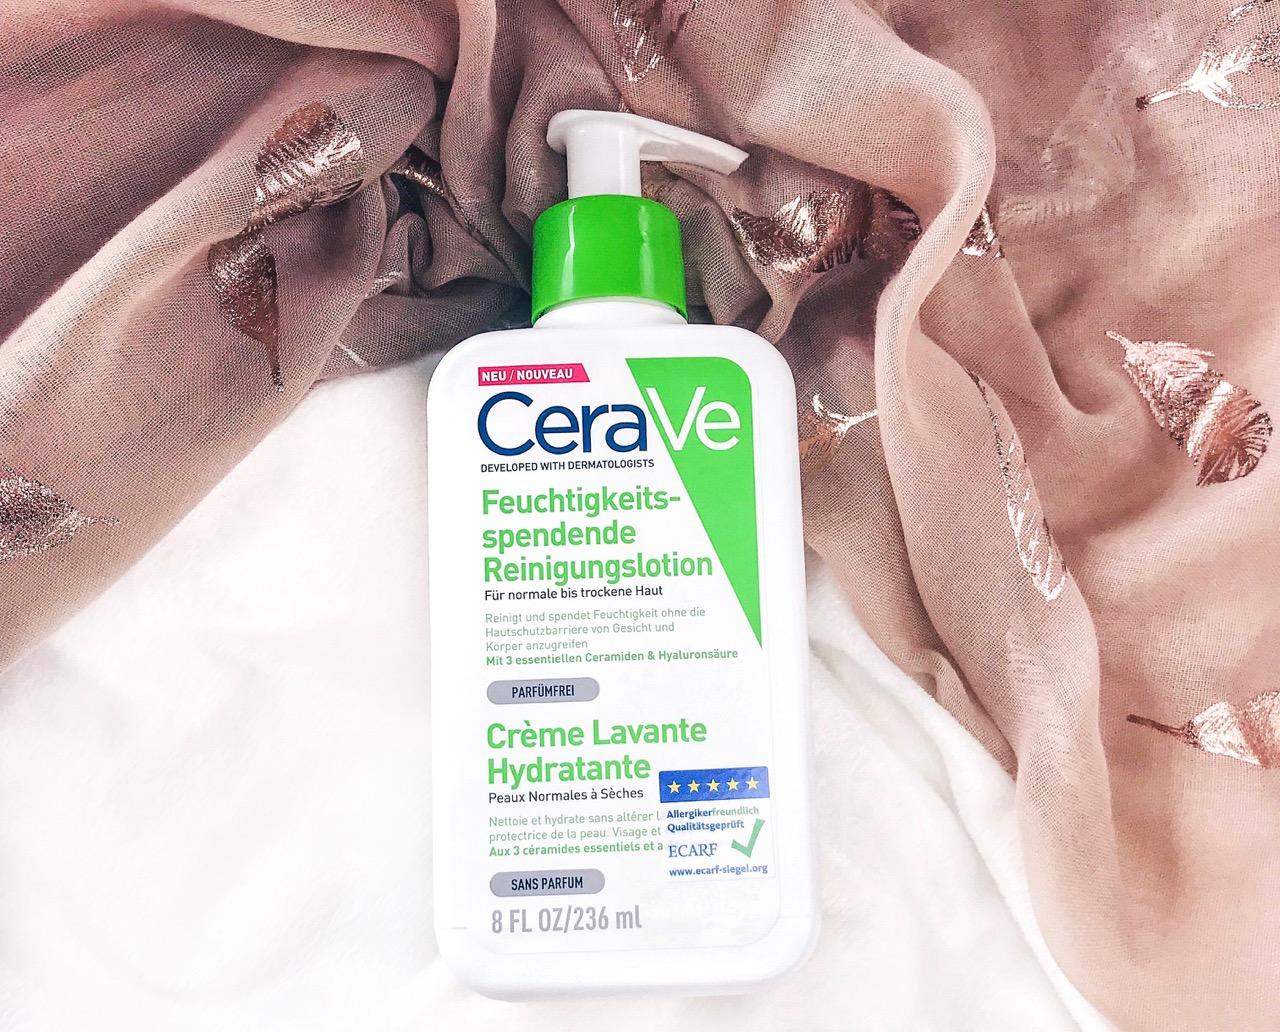 Beauty Favoriten Februar 2019: CeraVe Feuchtigkeitsspendende Reinigungslotion